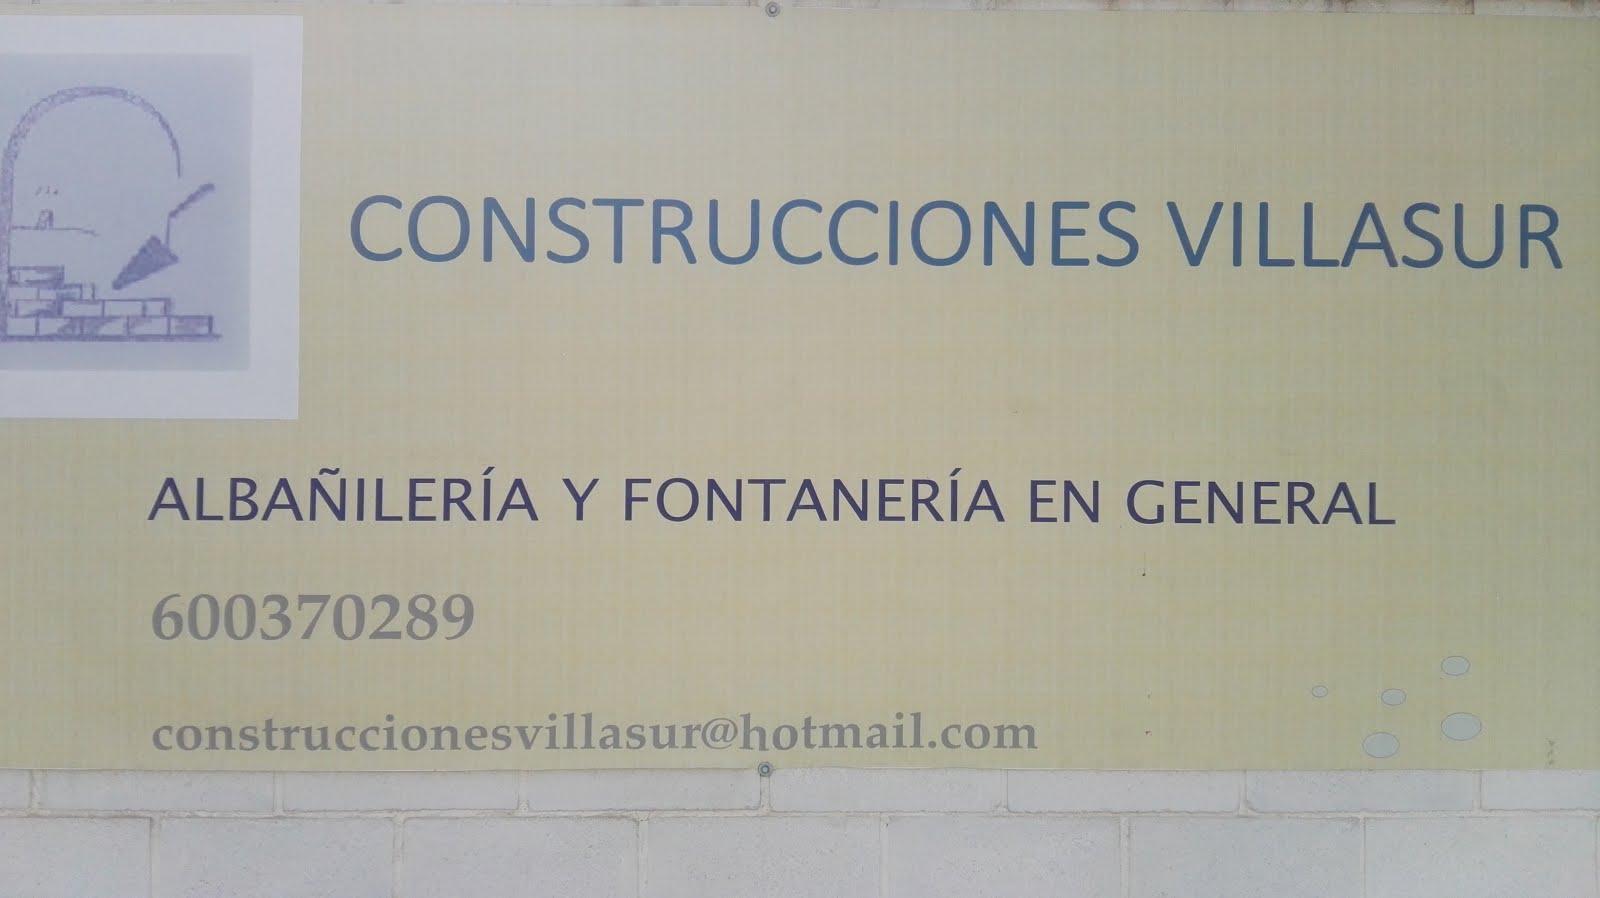 CONSTRUCCIONES VILLASUR